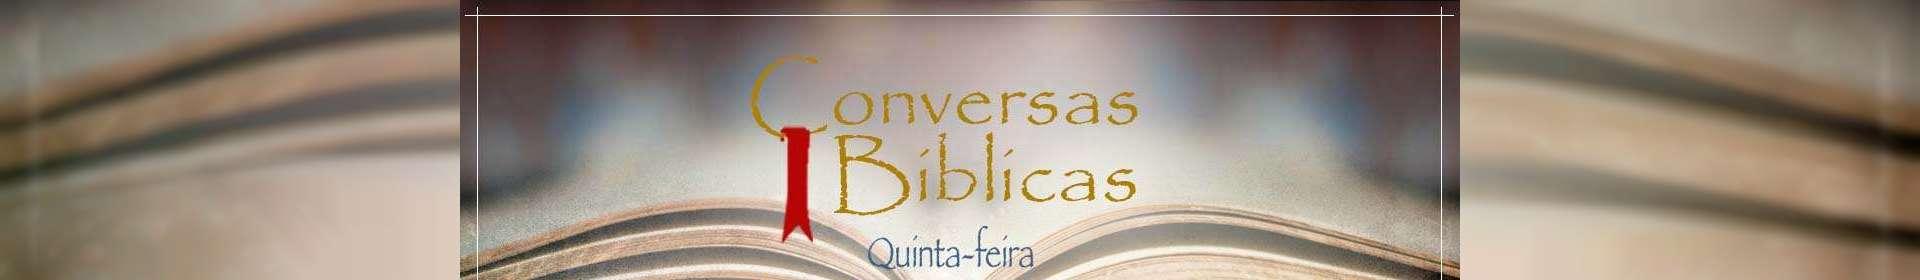 Conversas Bíblicas: Salvação - Final